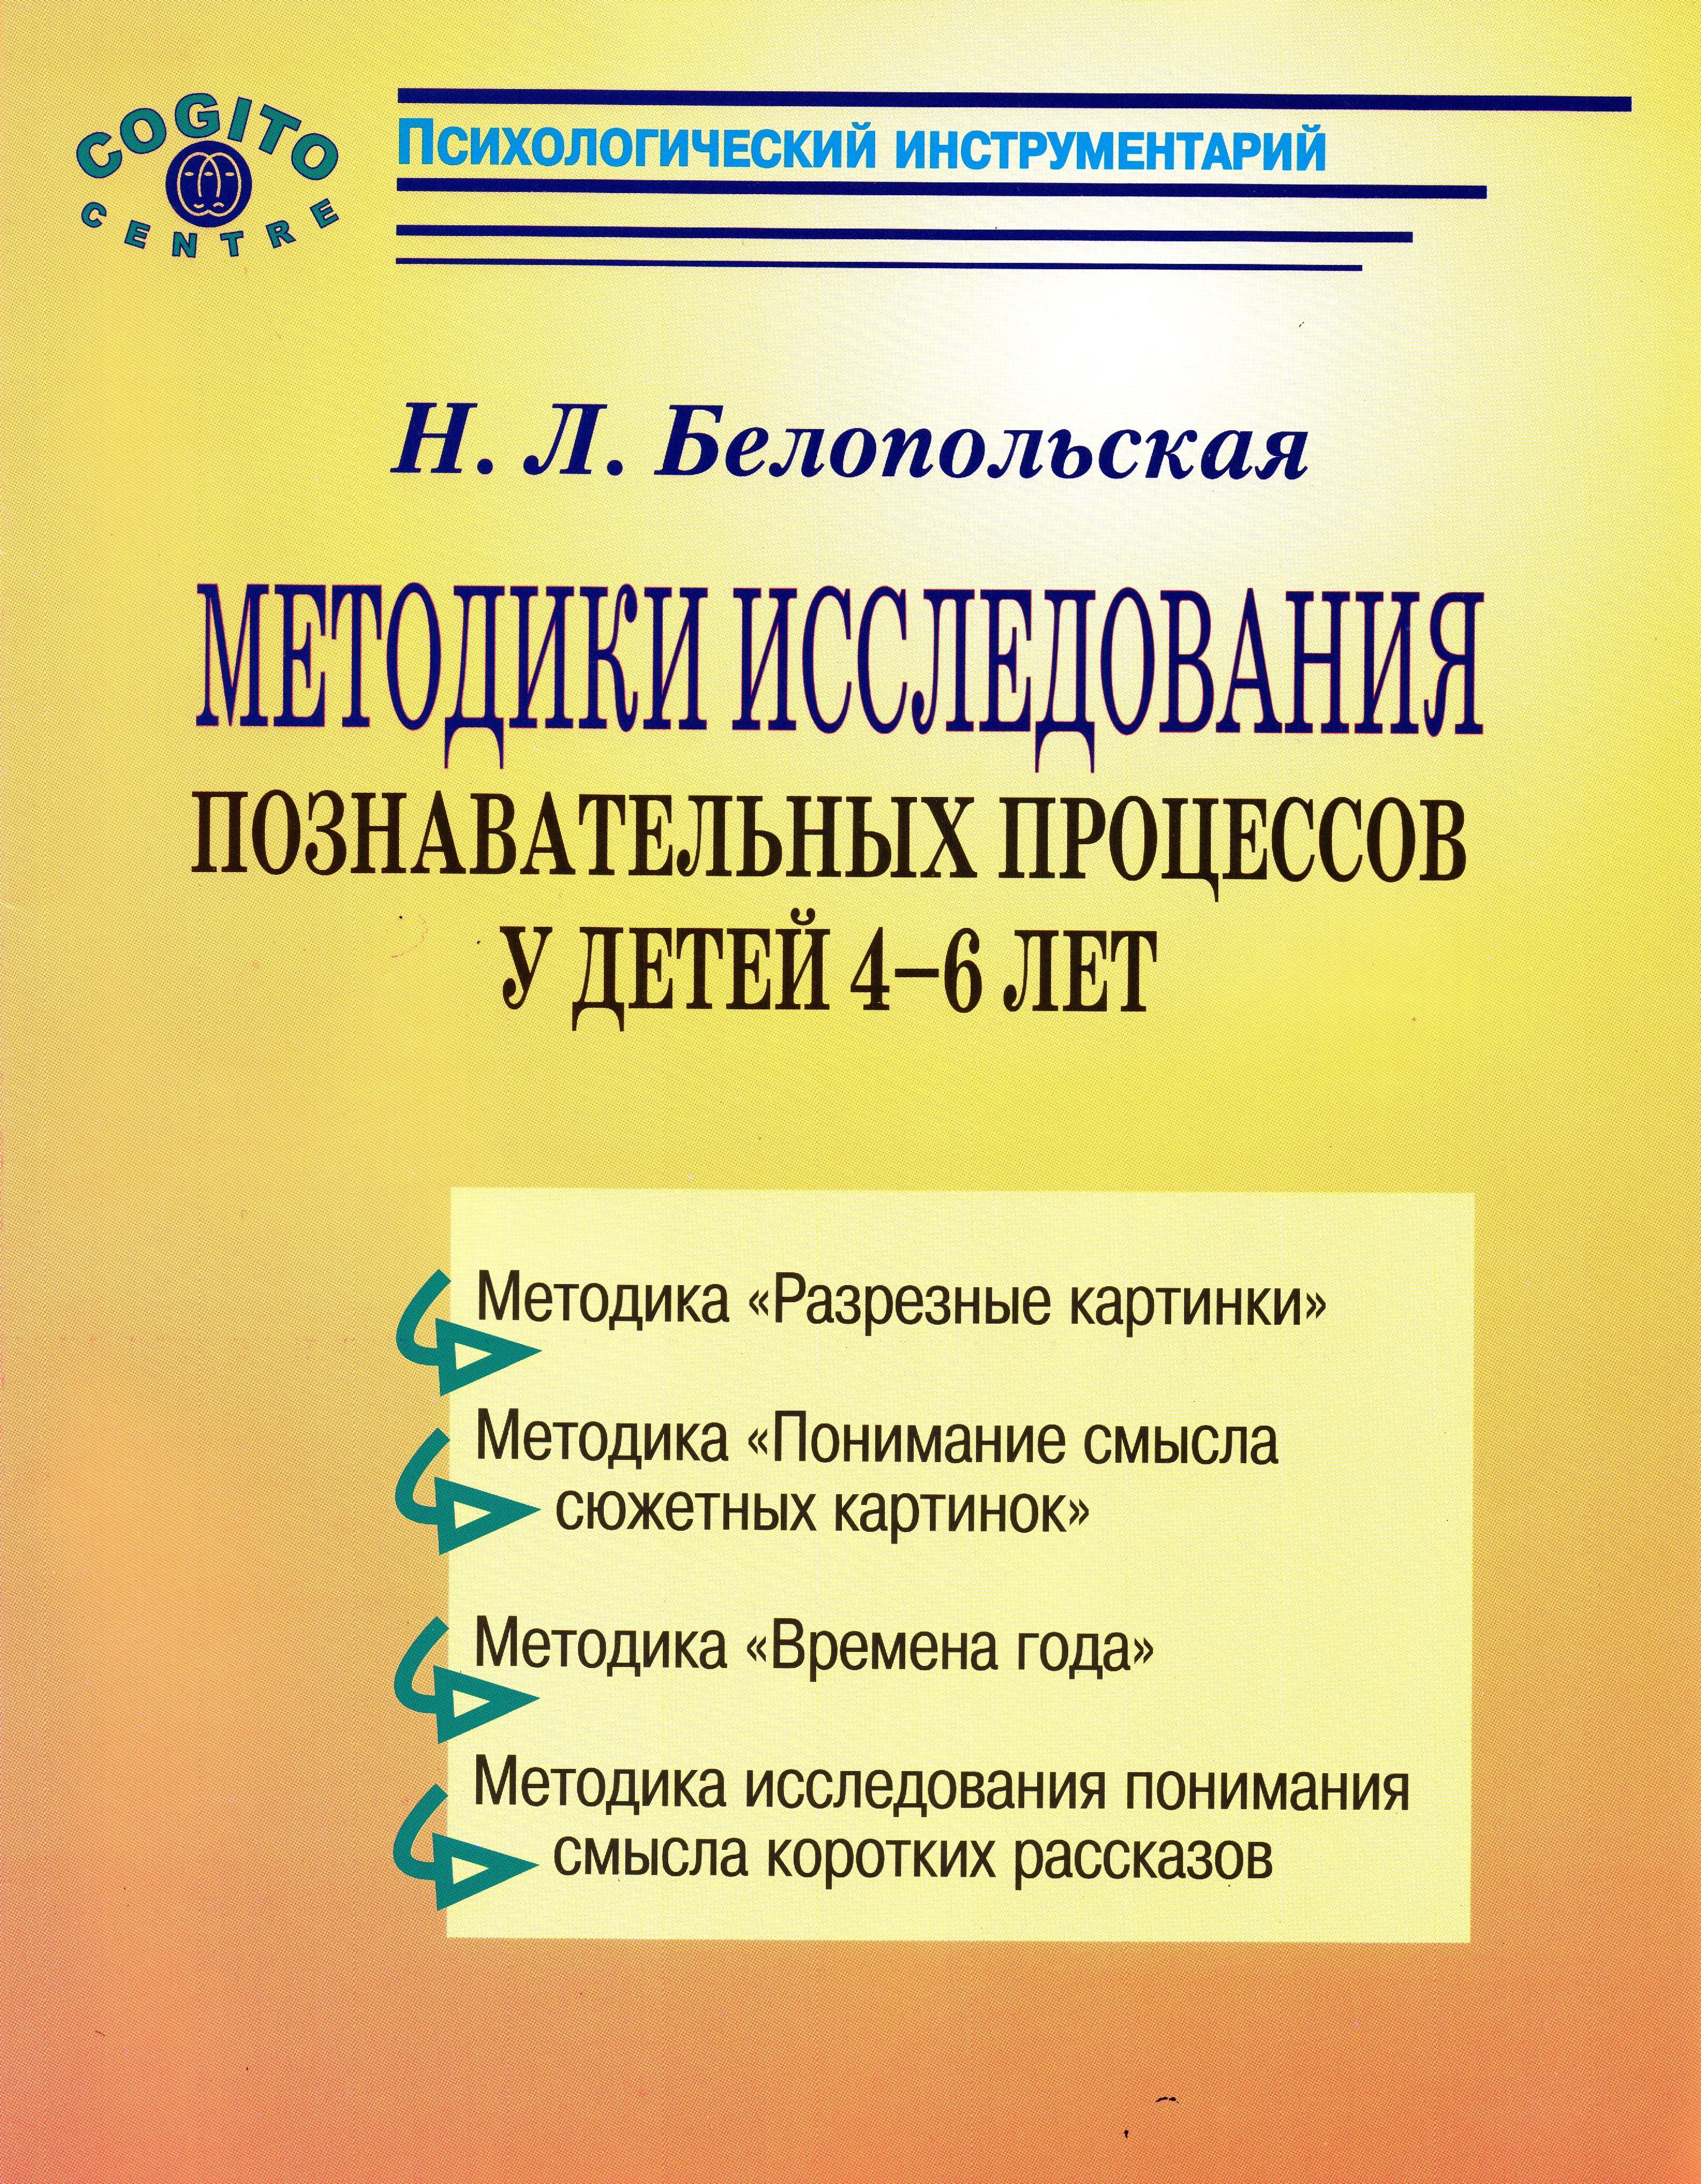 МЕТОДИКА ВРЕМЕНА ГОДА Н.Л БЕЛОПОЛЬСКАЯ СКАЧАТЬ БЕСПЛАТНО